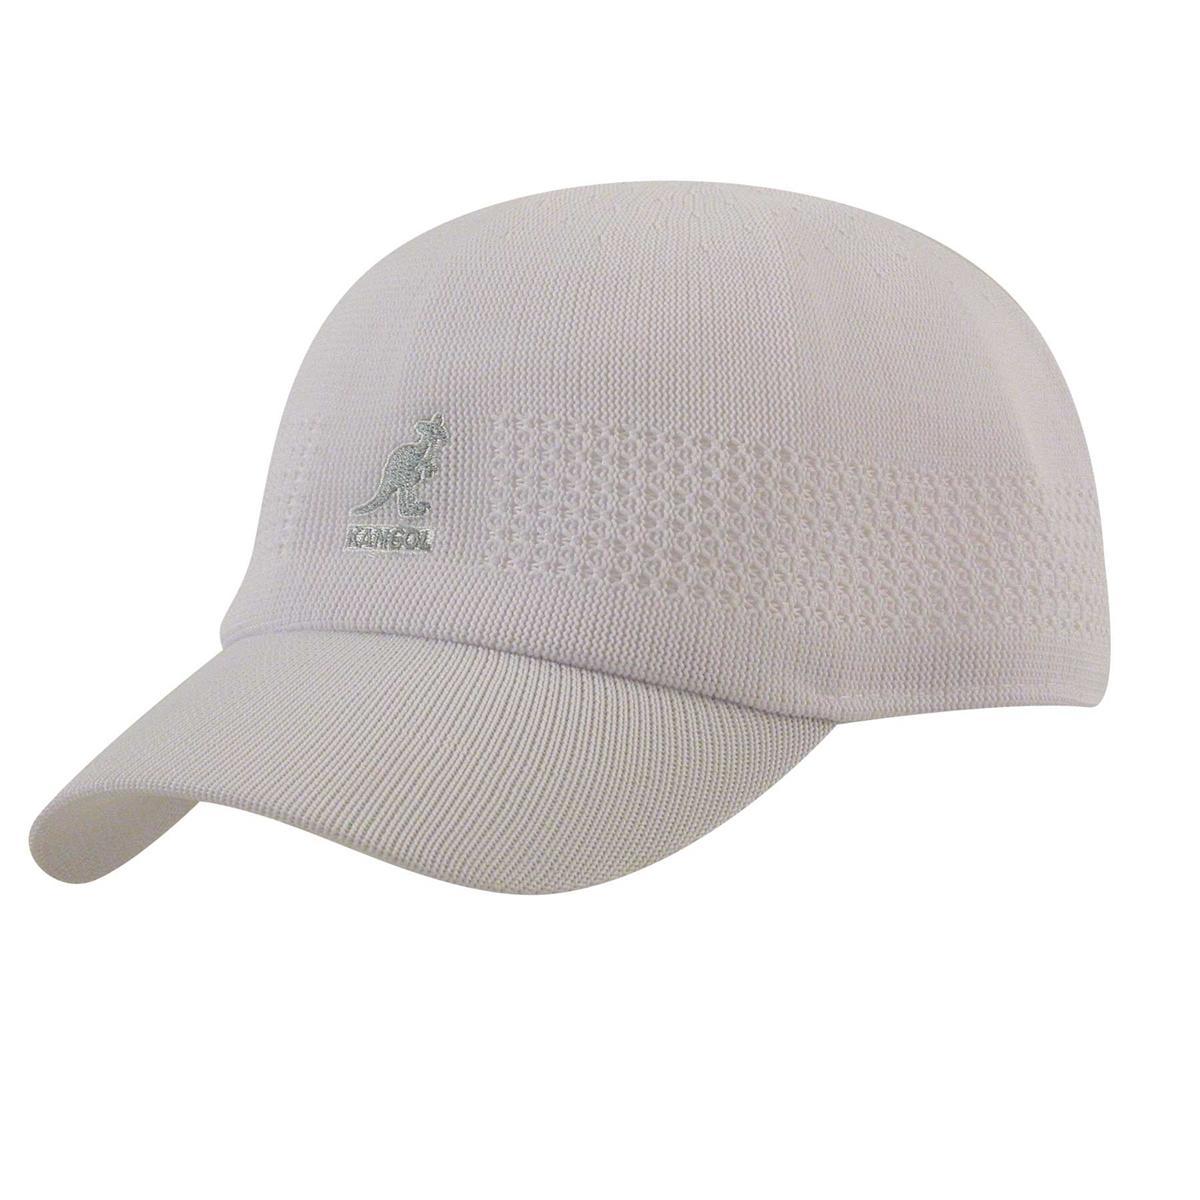 9d3e484f Kangol Tropic Ventair Space Cap White